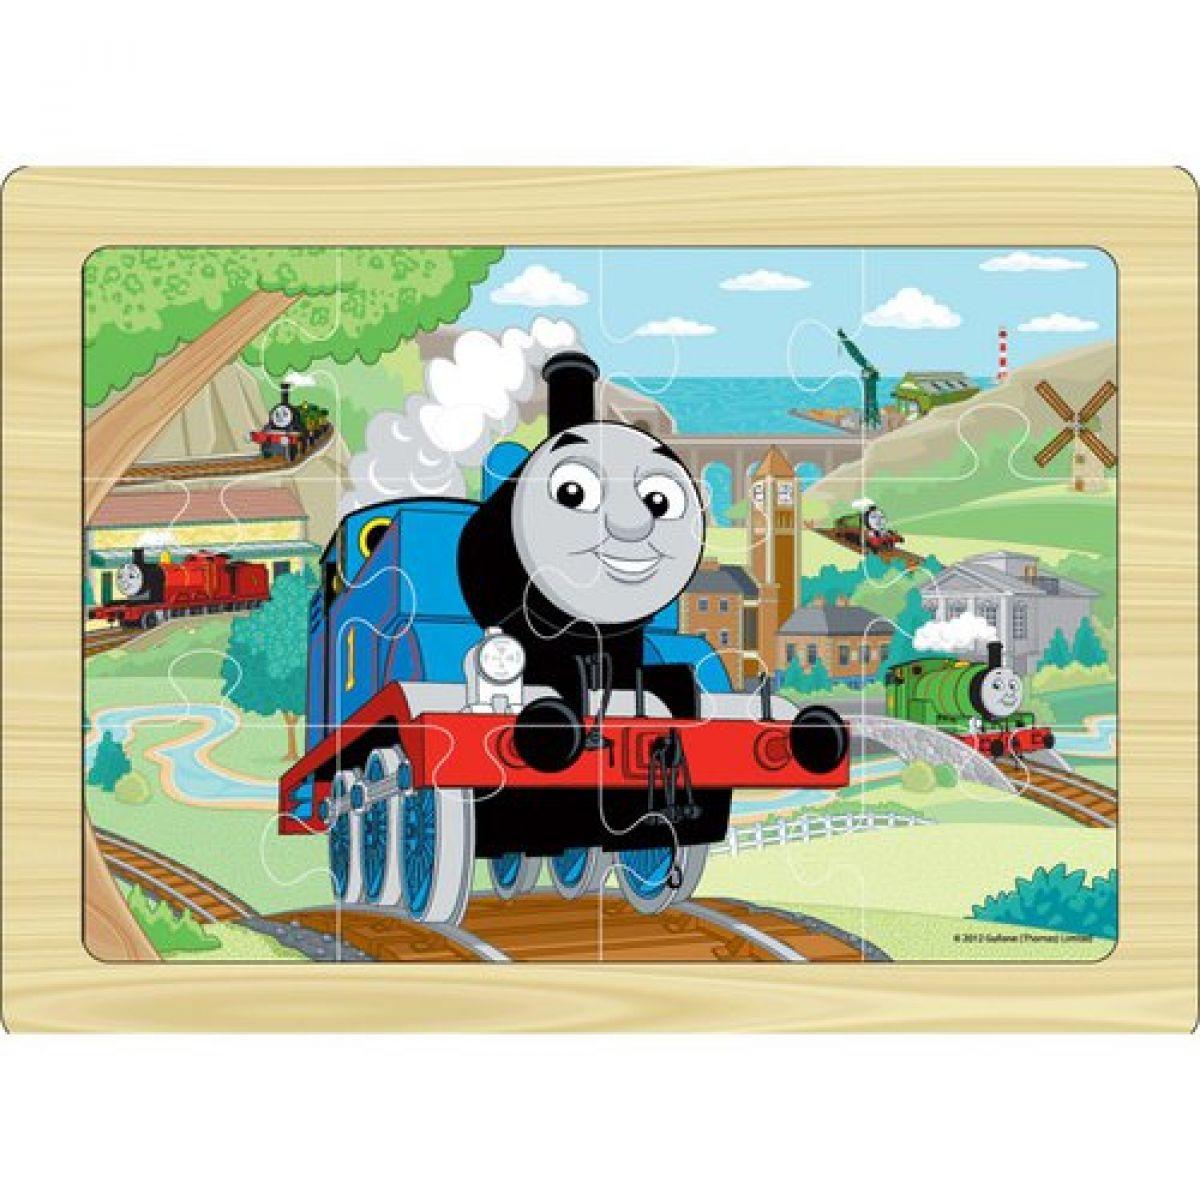 Tomáš a jeho přátelé 7215 - Puzzle dřevěné 12 ks na desce